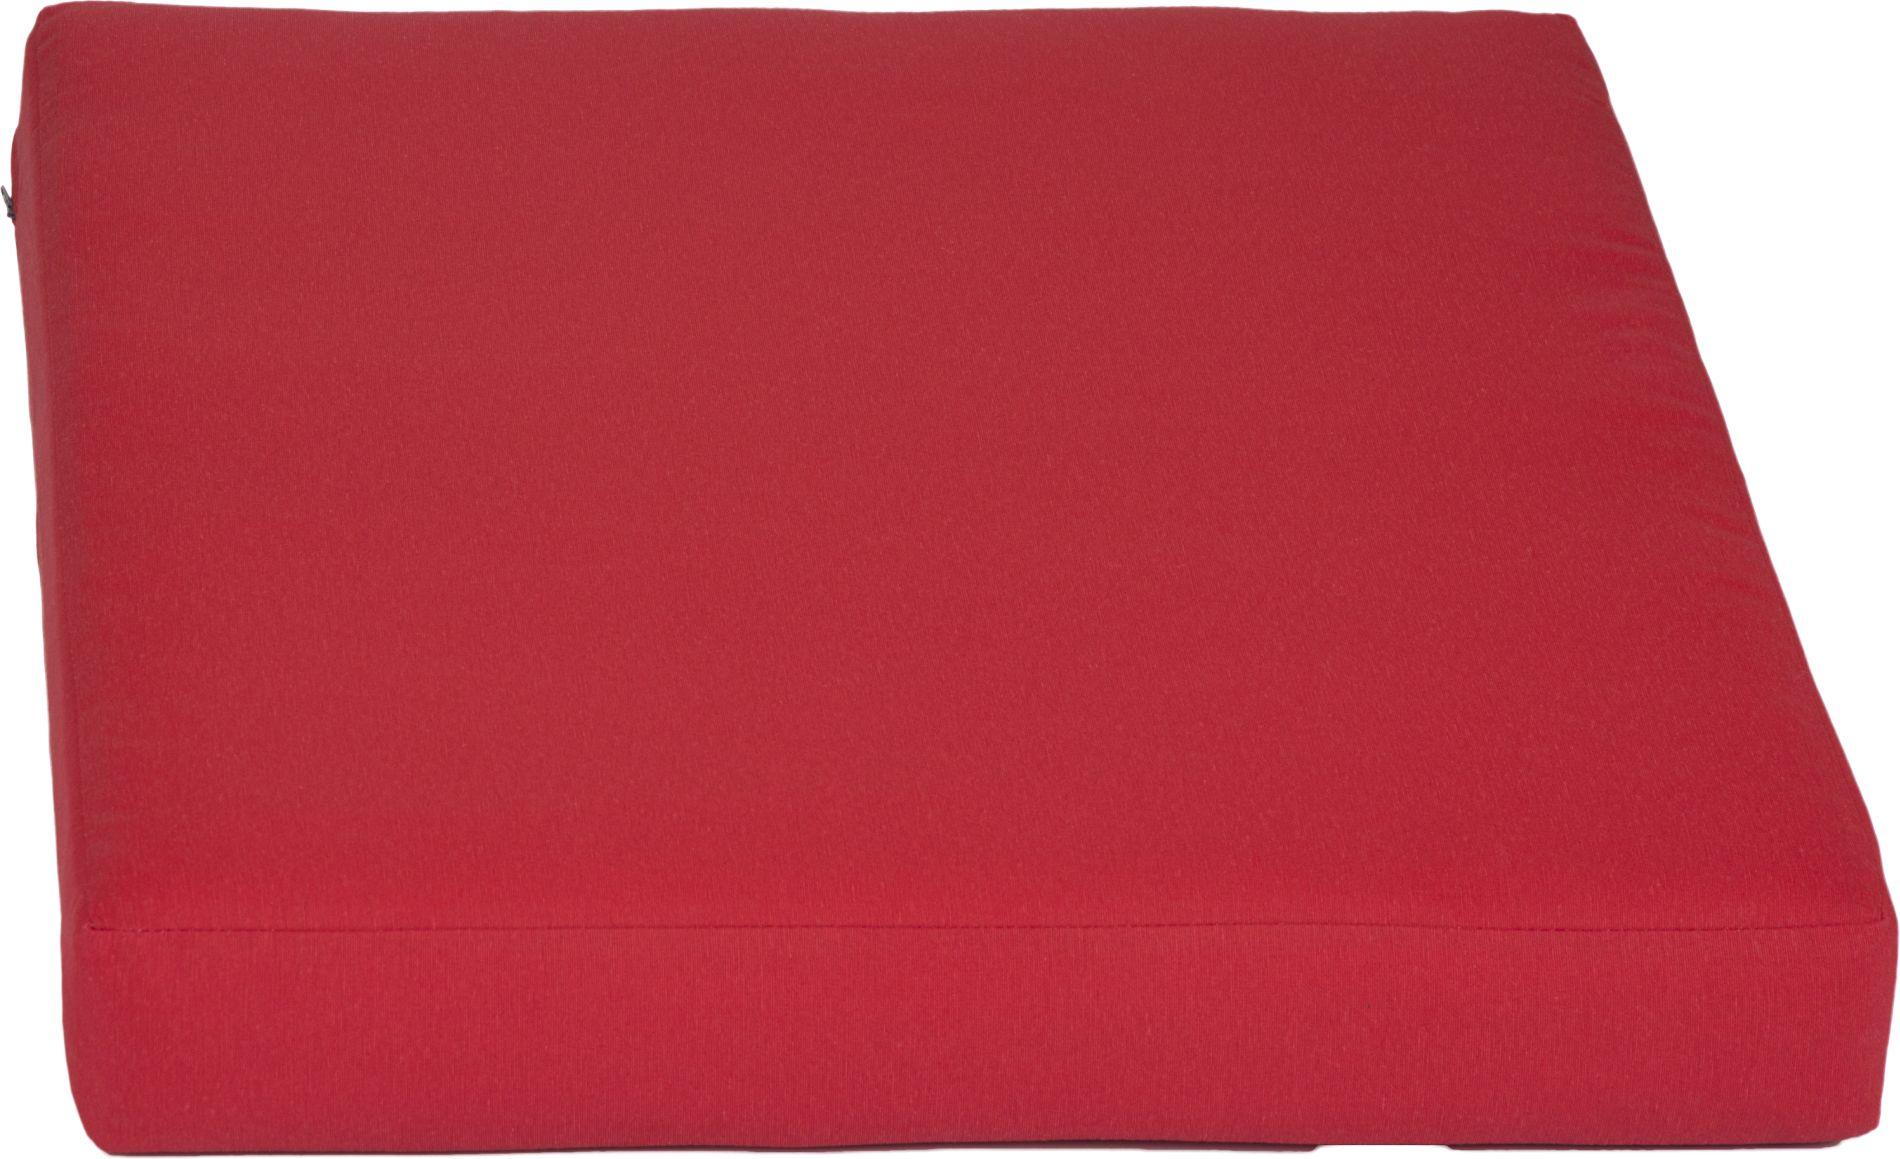 acamp Weekend Sitzkissen für Erweiterungselement rot 64 x 70 x 8 cm